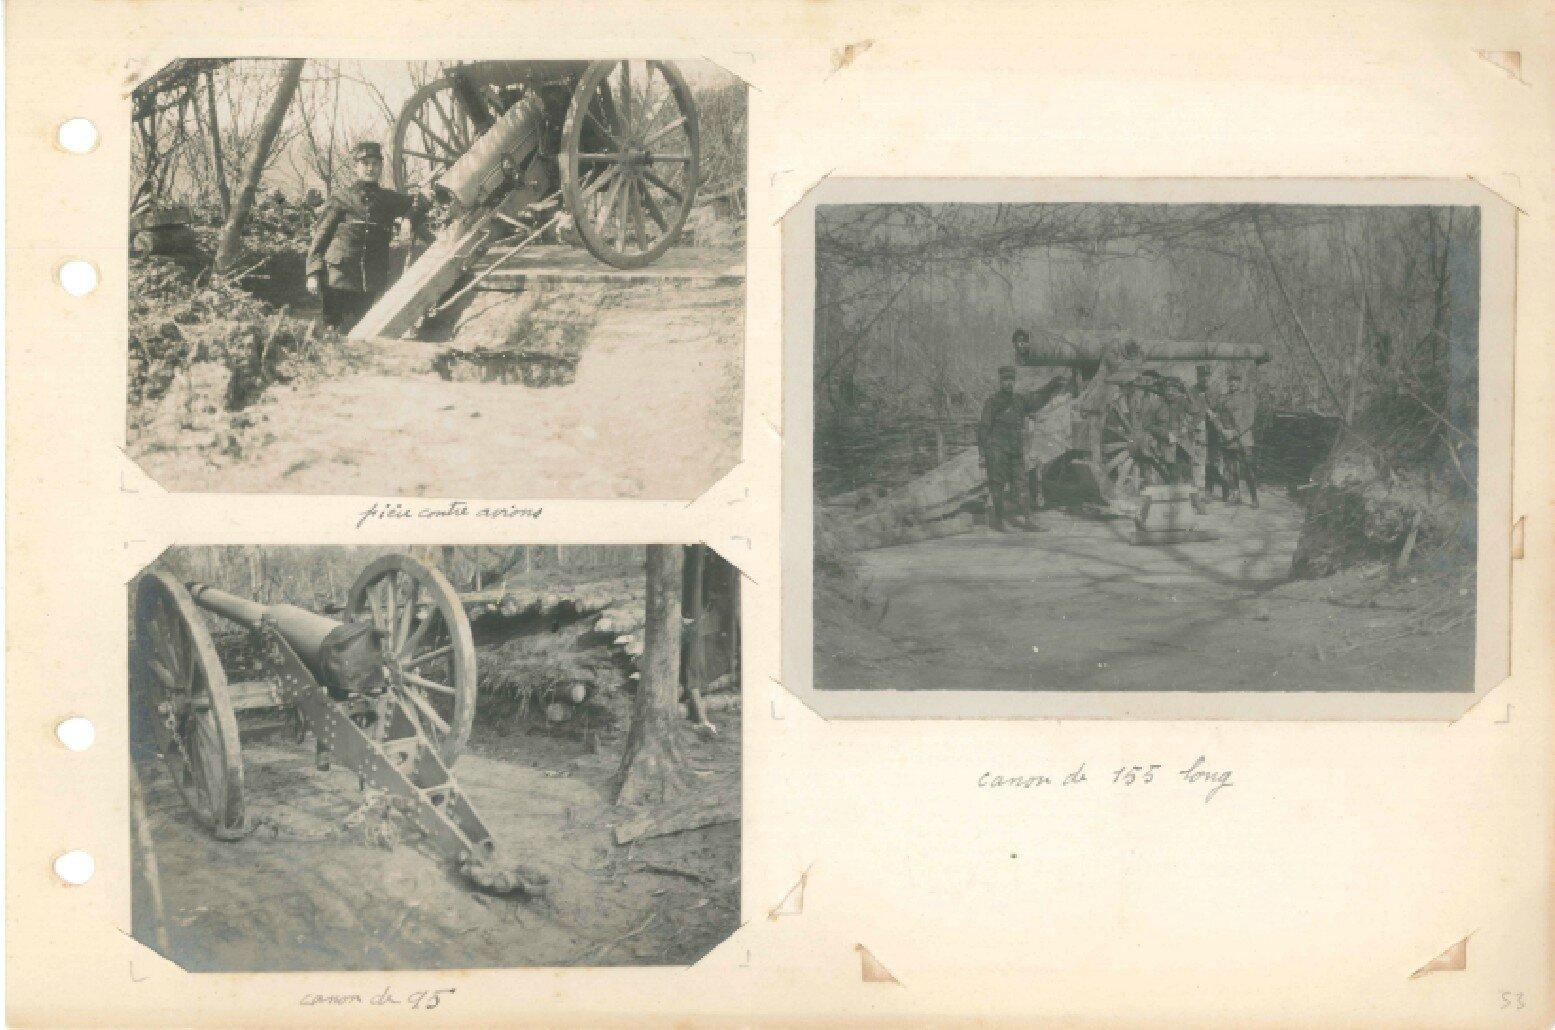 p.053 - Front de l'Aisne (13 septembre 1914 – 22 mai 1915)